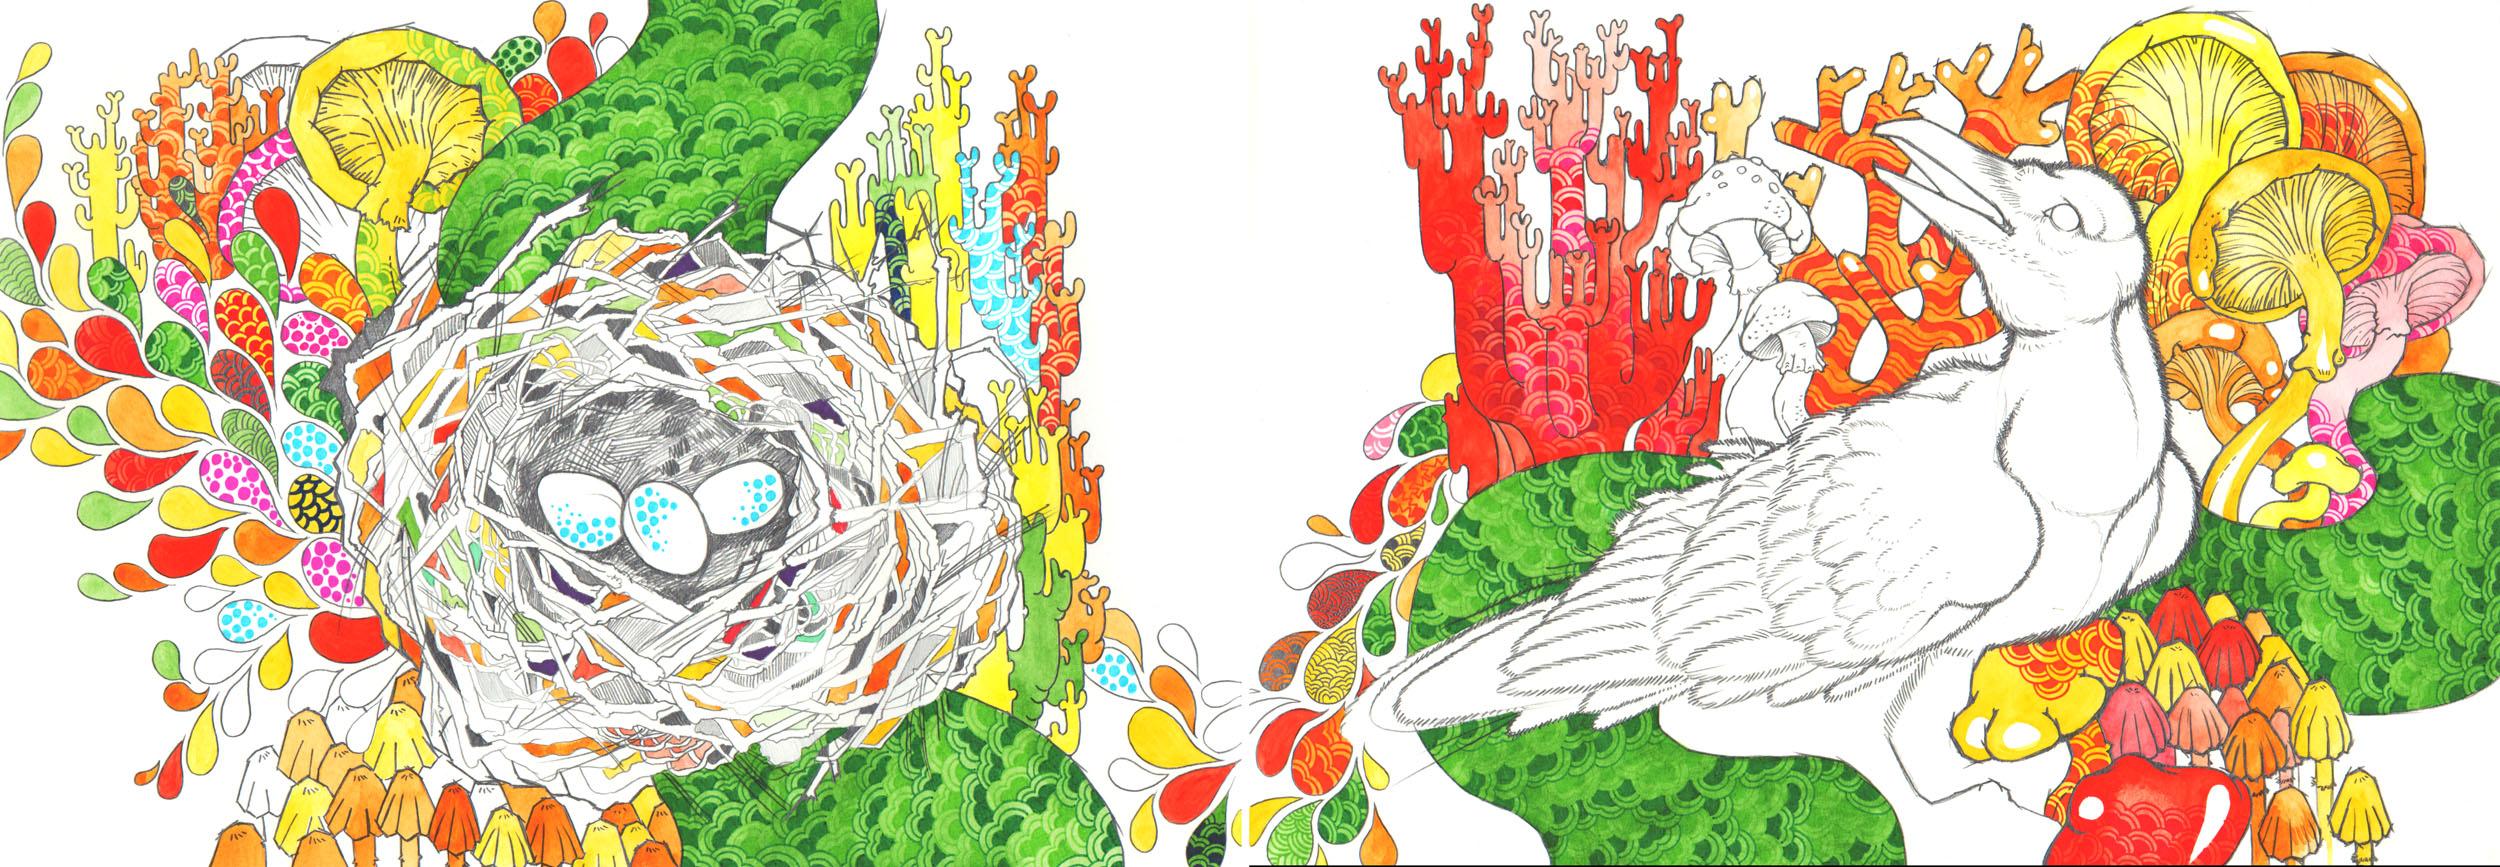 Fungi Crow-Anneris Kondratas